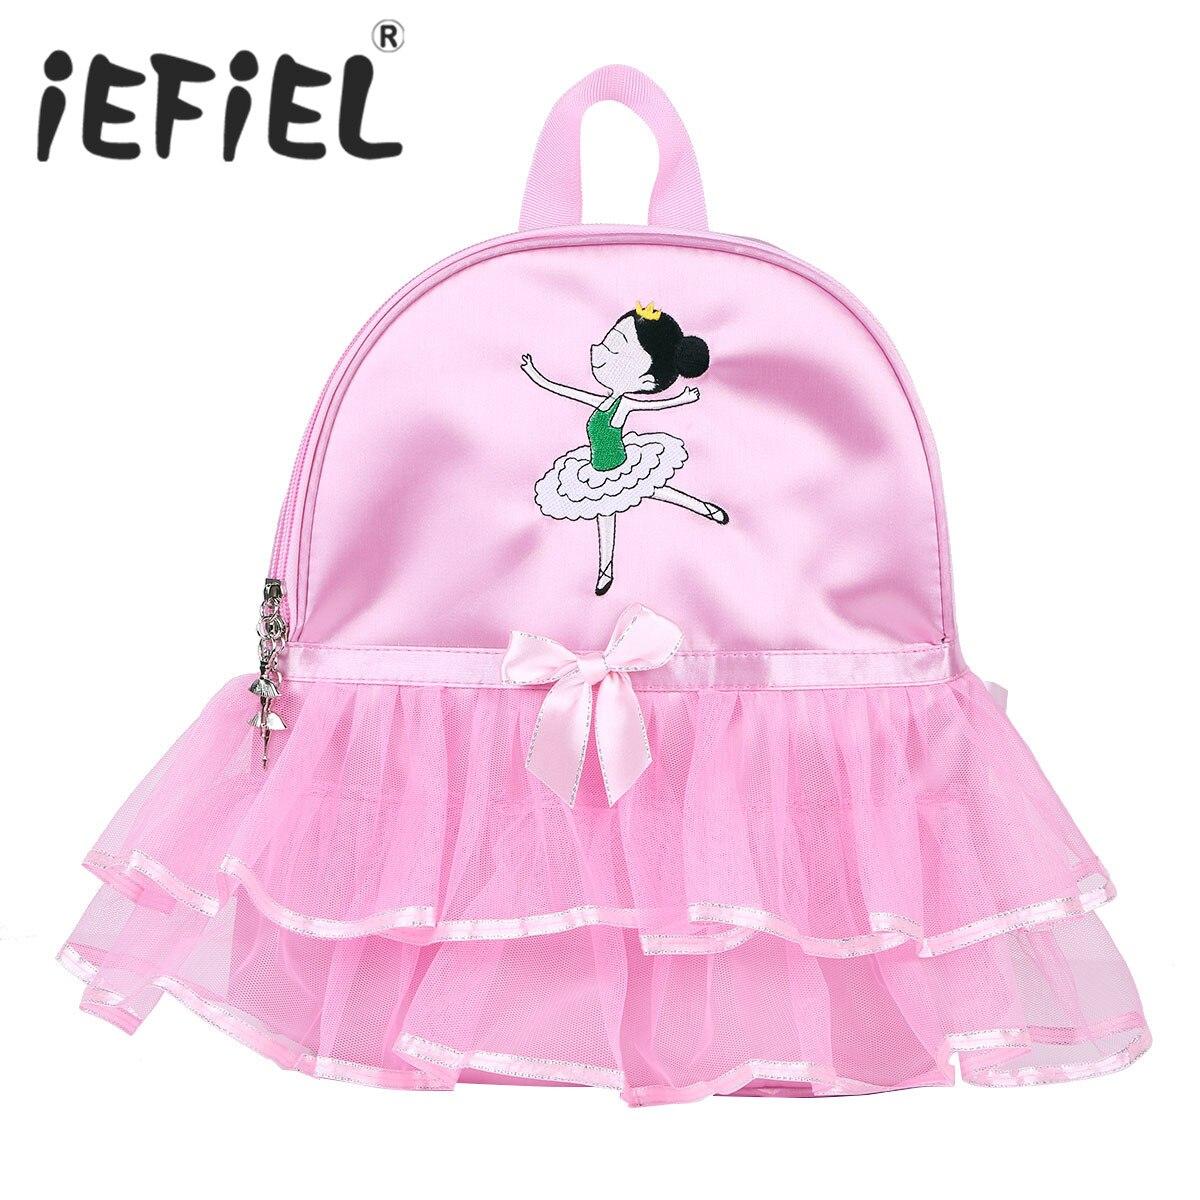 かわいい子供キッズガールバレエダンスバッグ学生スクールバックパック漫画女の子刺繍ティアードフリルチュチュショルダーバッグ